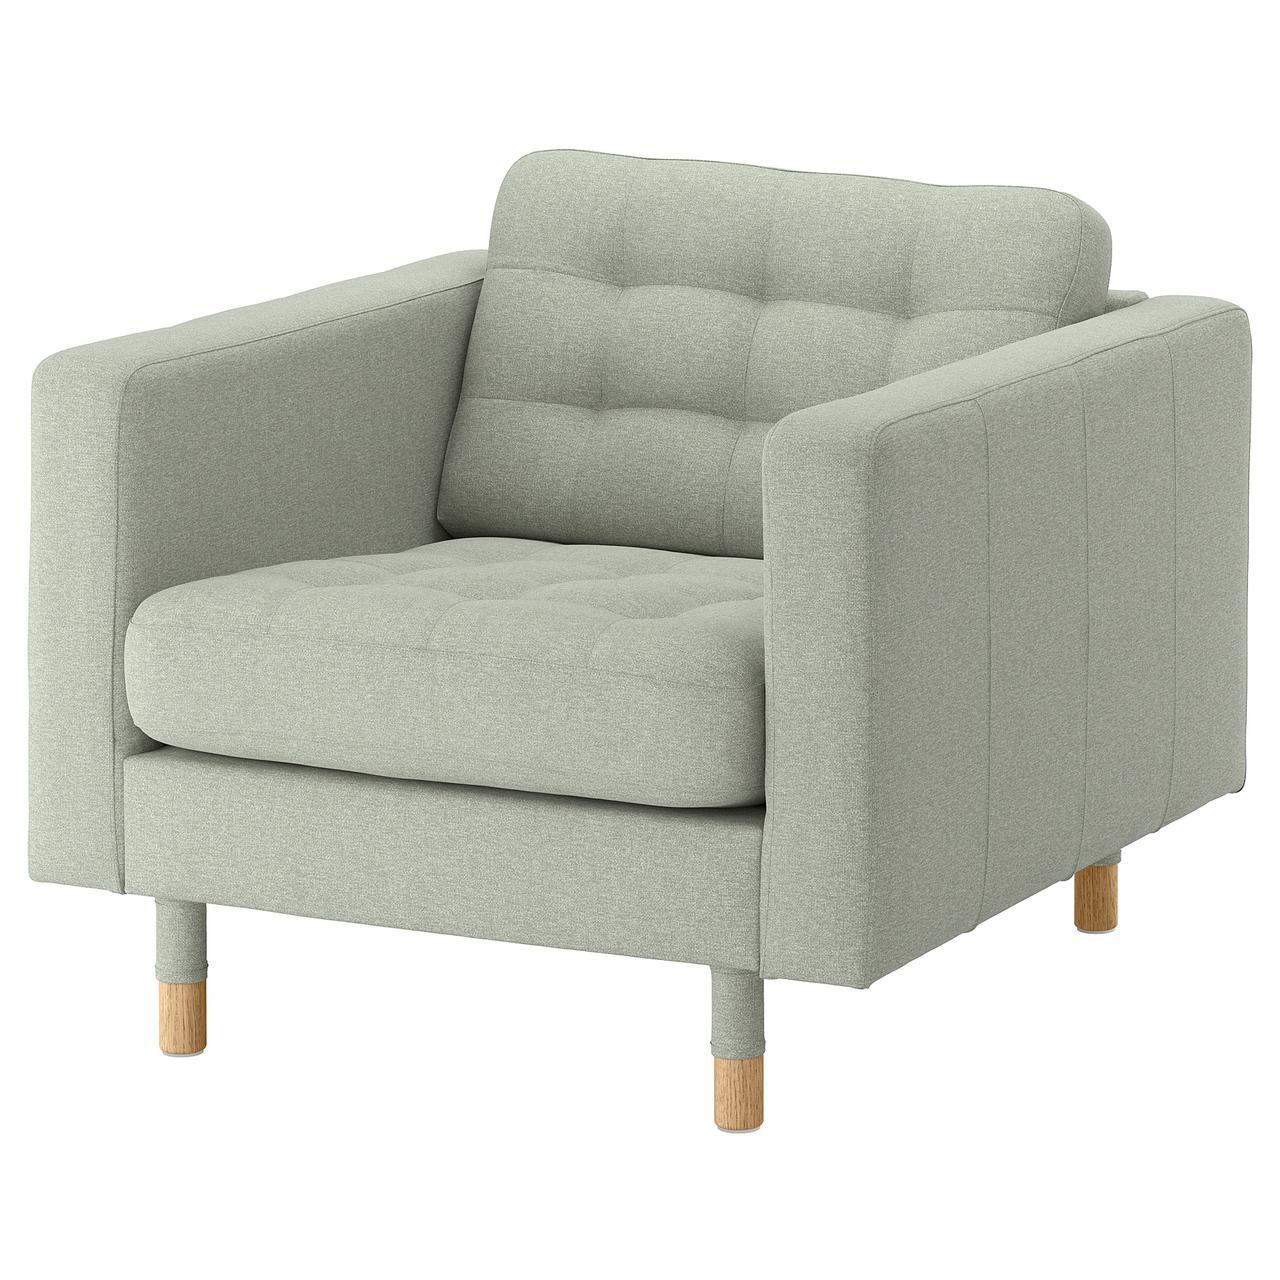 Кресло IKEA LANDSKRONA Gunnared светло-зеленое на деревянных ножках 892.697.21